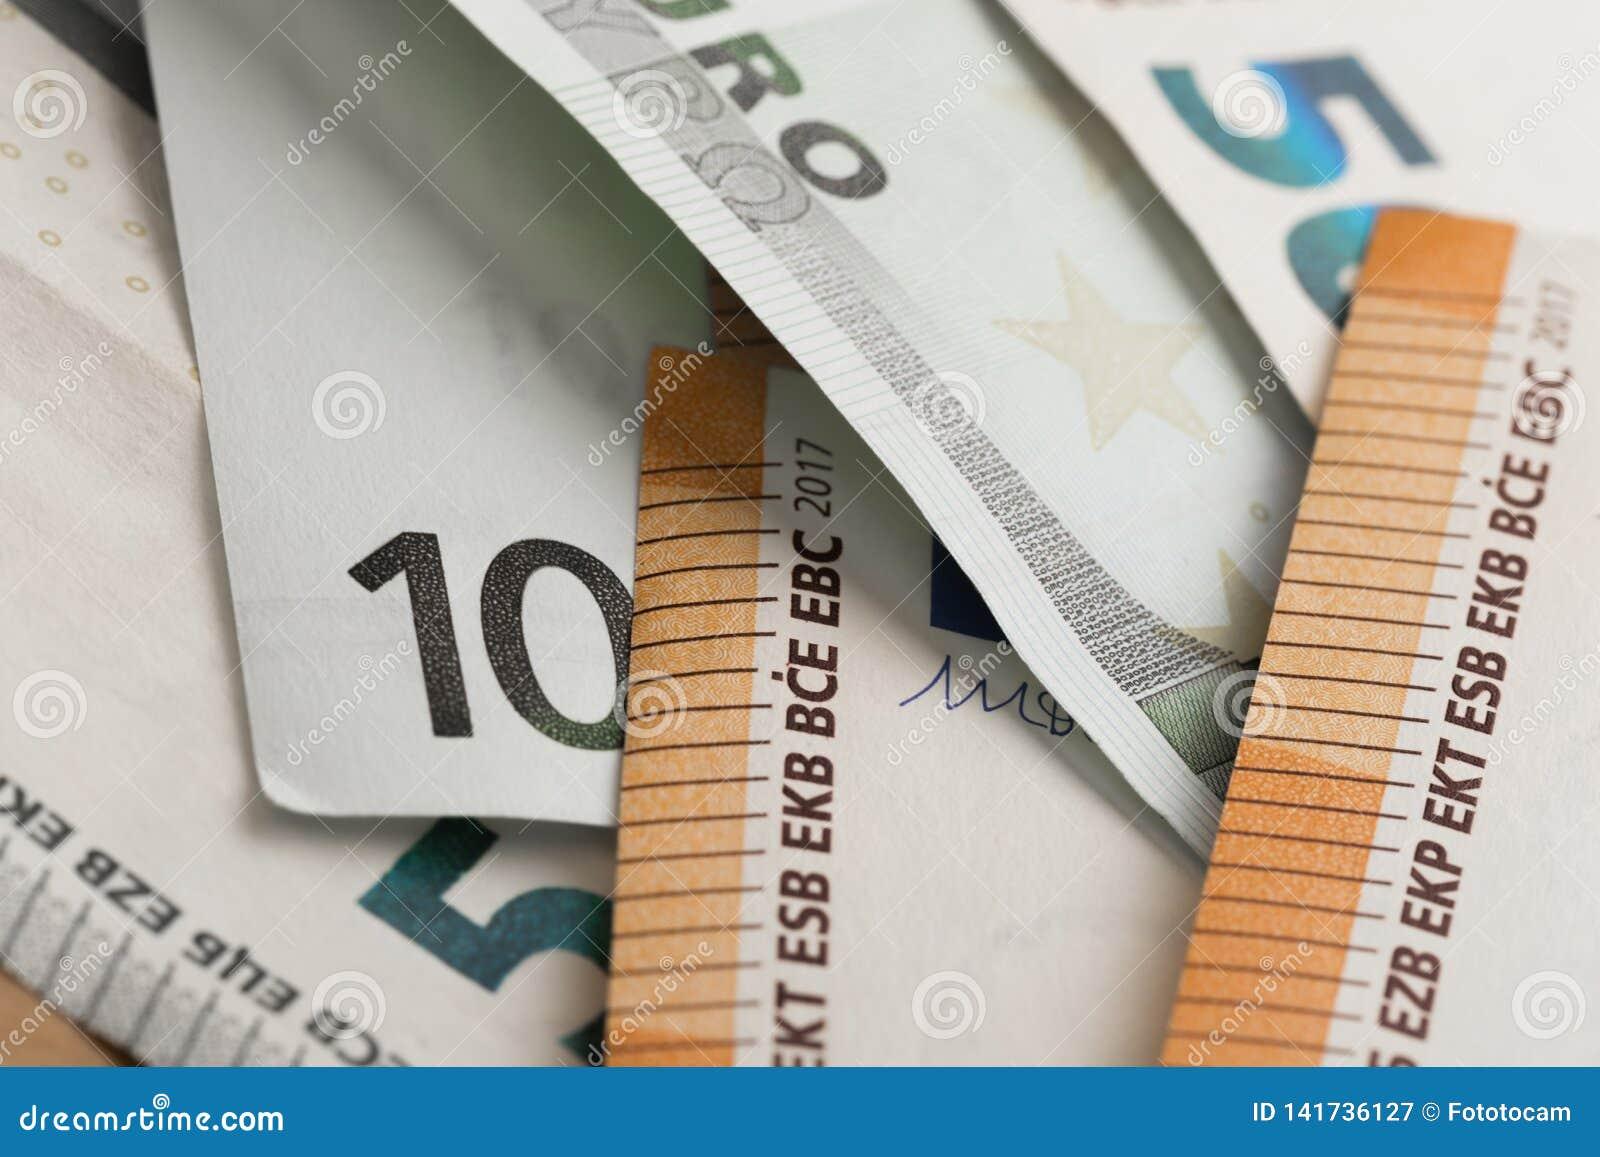 ευρο- ευρώ πέντε εστίαση εκατό τραπεζών σχοινί σημειώσεων χρημάτων Ευρο- μετρητά Ευρο- τραπεζογραμμάτια χρημάτων